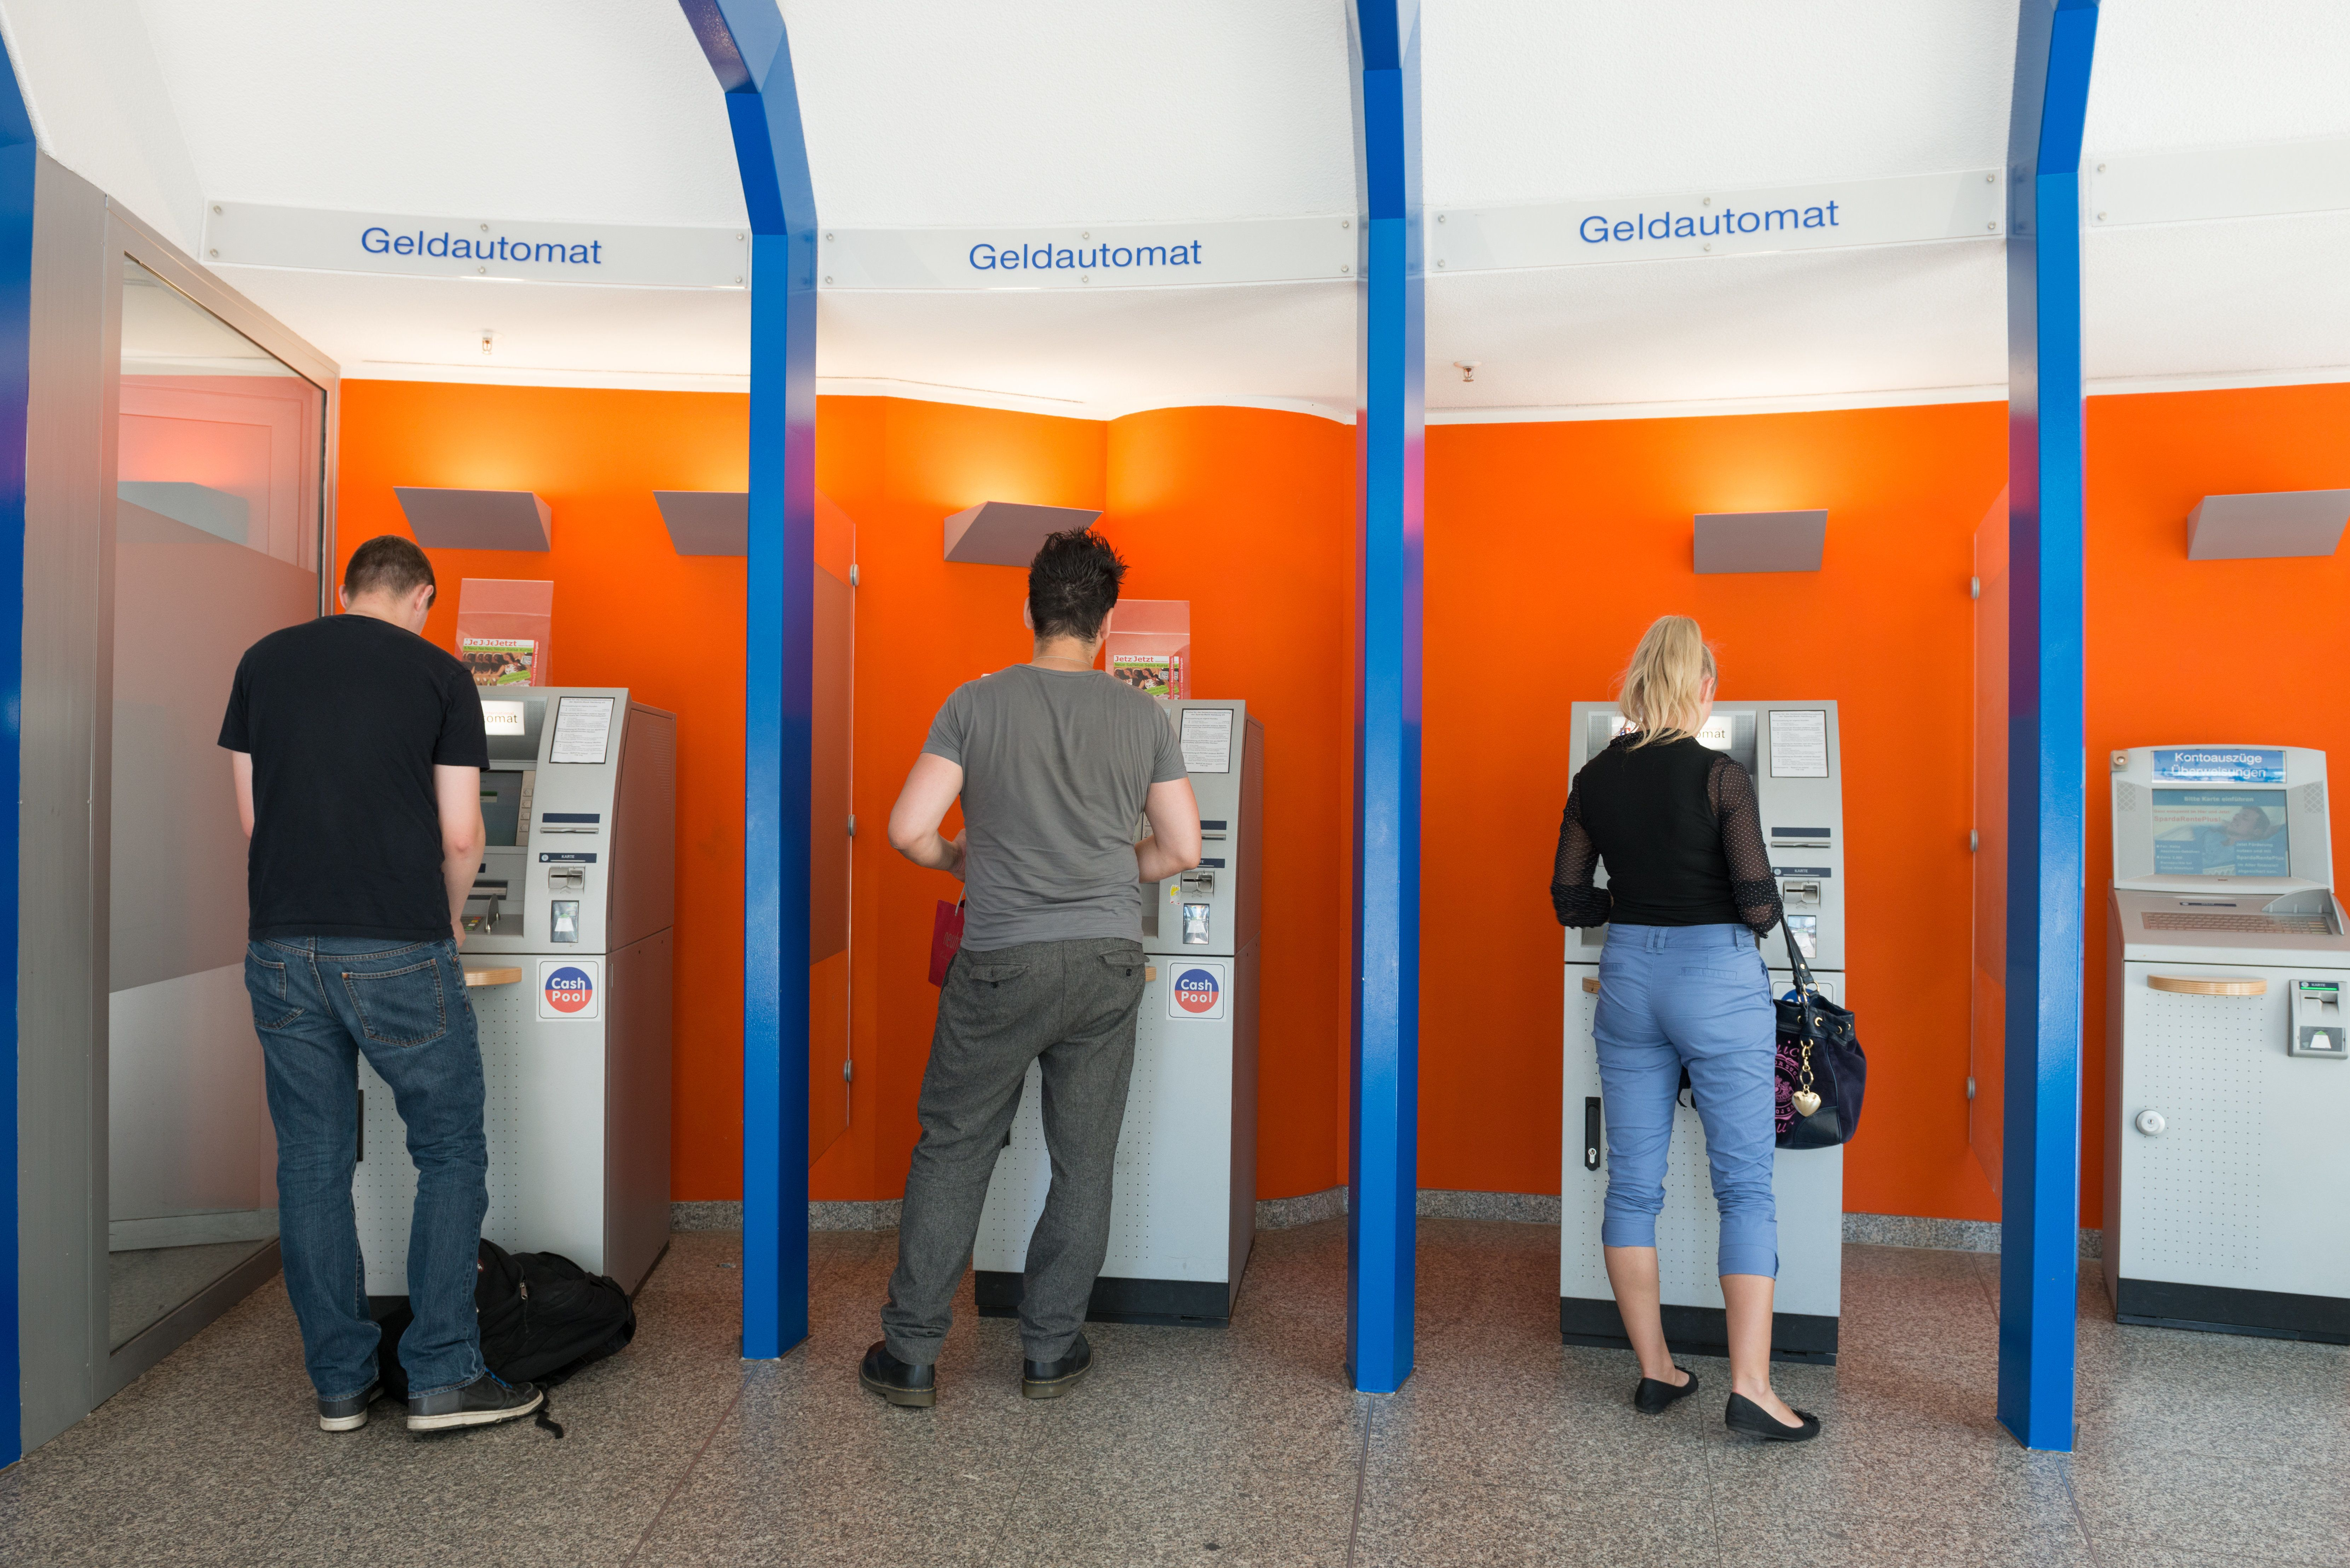 Berliner SPD-Politiker wollen 1000 Euro Grundeinkommen